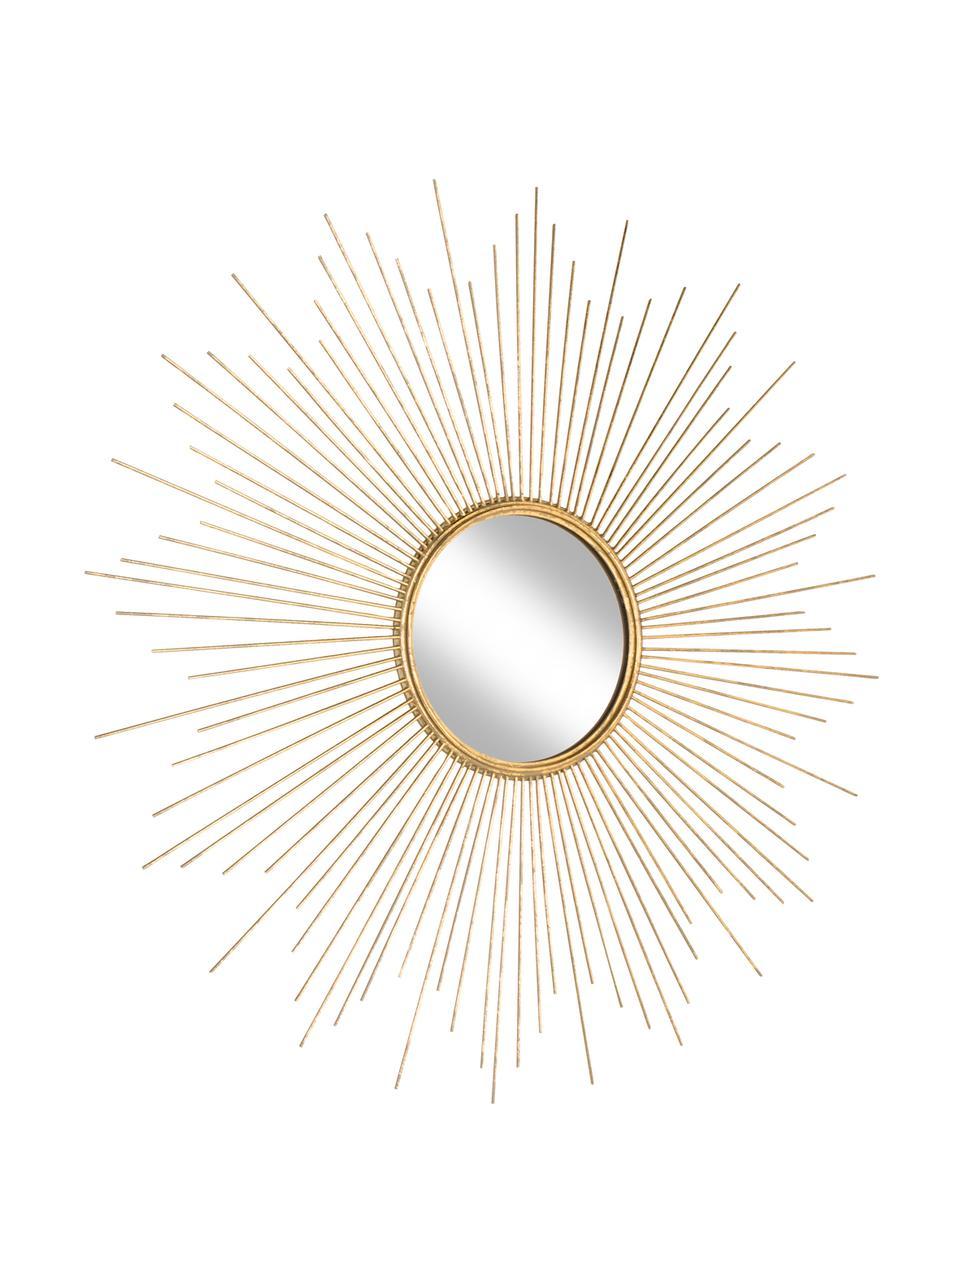 Dekospiegel Ella mit goldenem Metallrahmen, Rahmen: Metall, beschichtet, Goldfarben, Ø 98 x T 1 cm